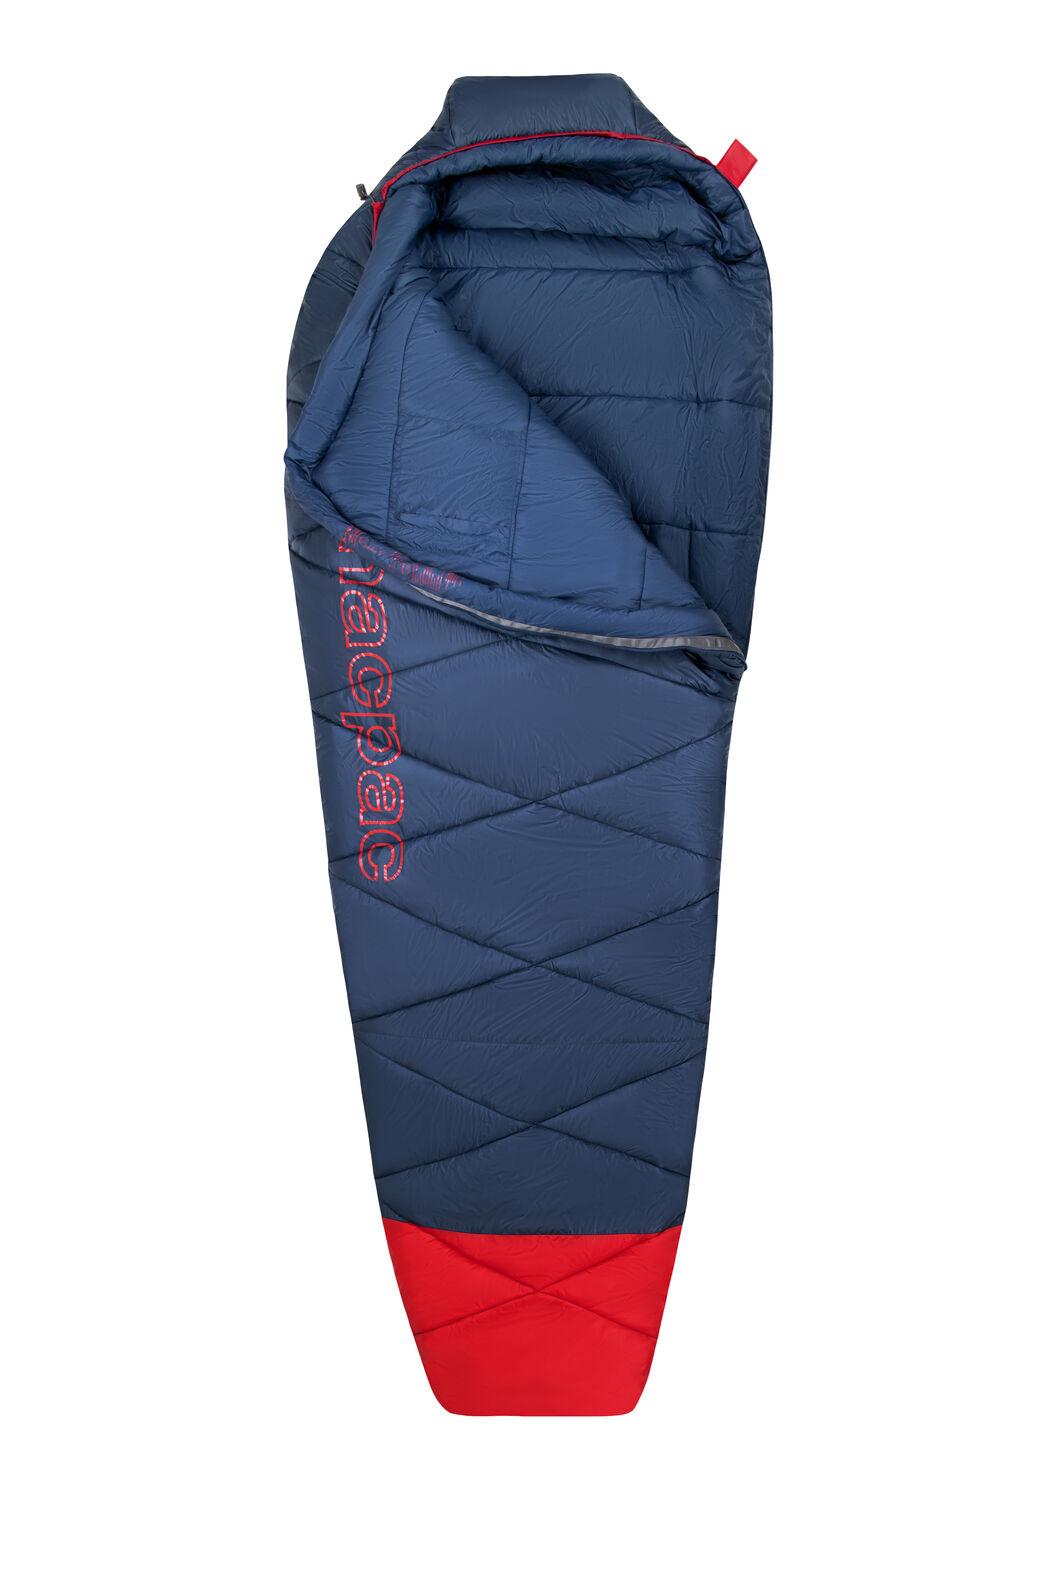 Macpac Aspire 360 Sleeping Bag — Standard, Blue Wing Teal/Salsa, hi-res